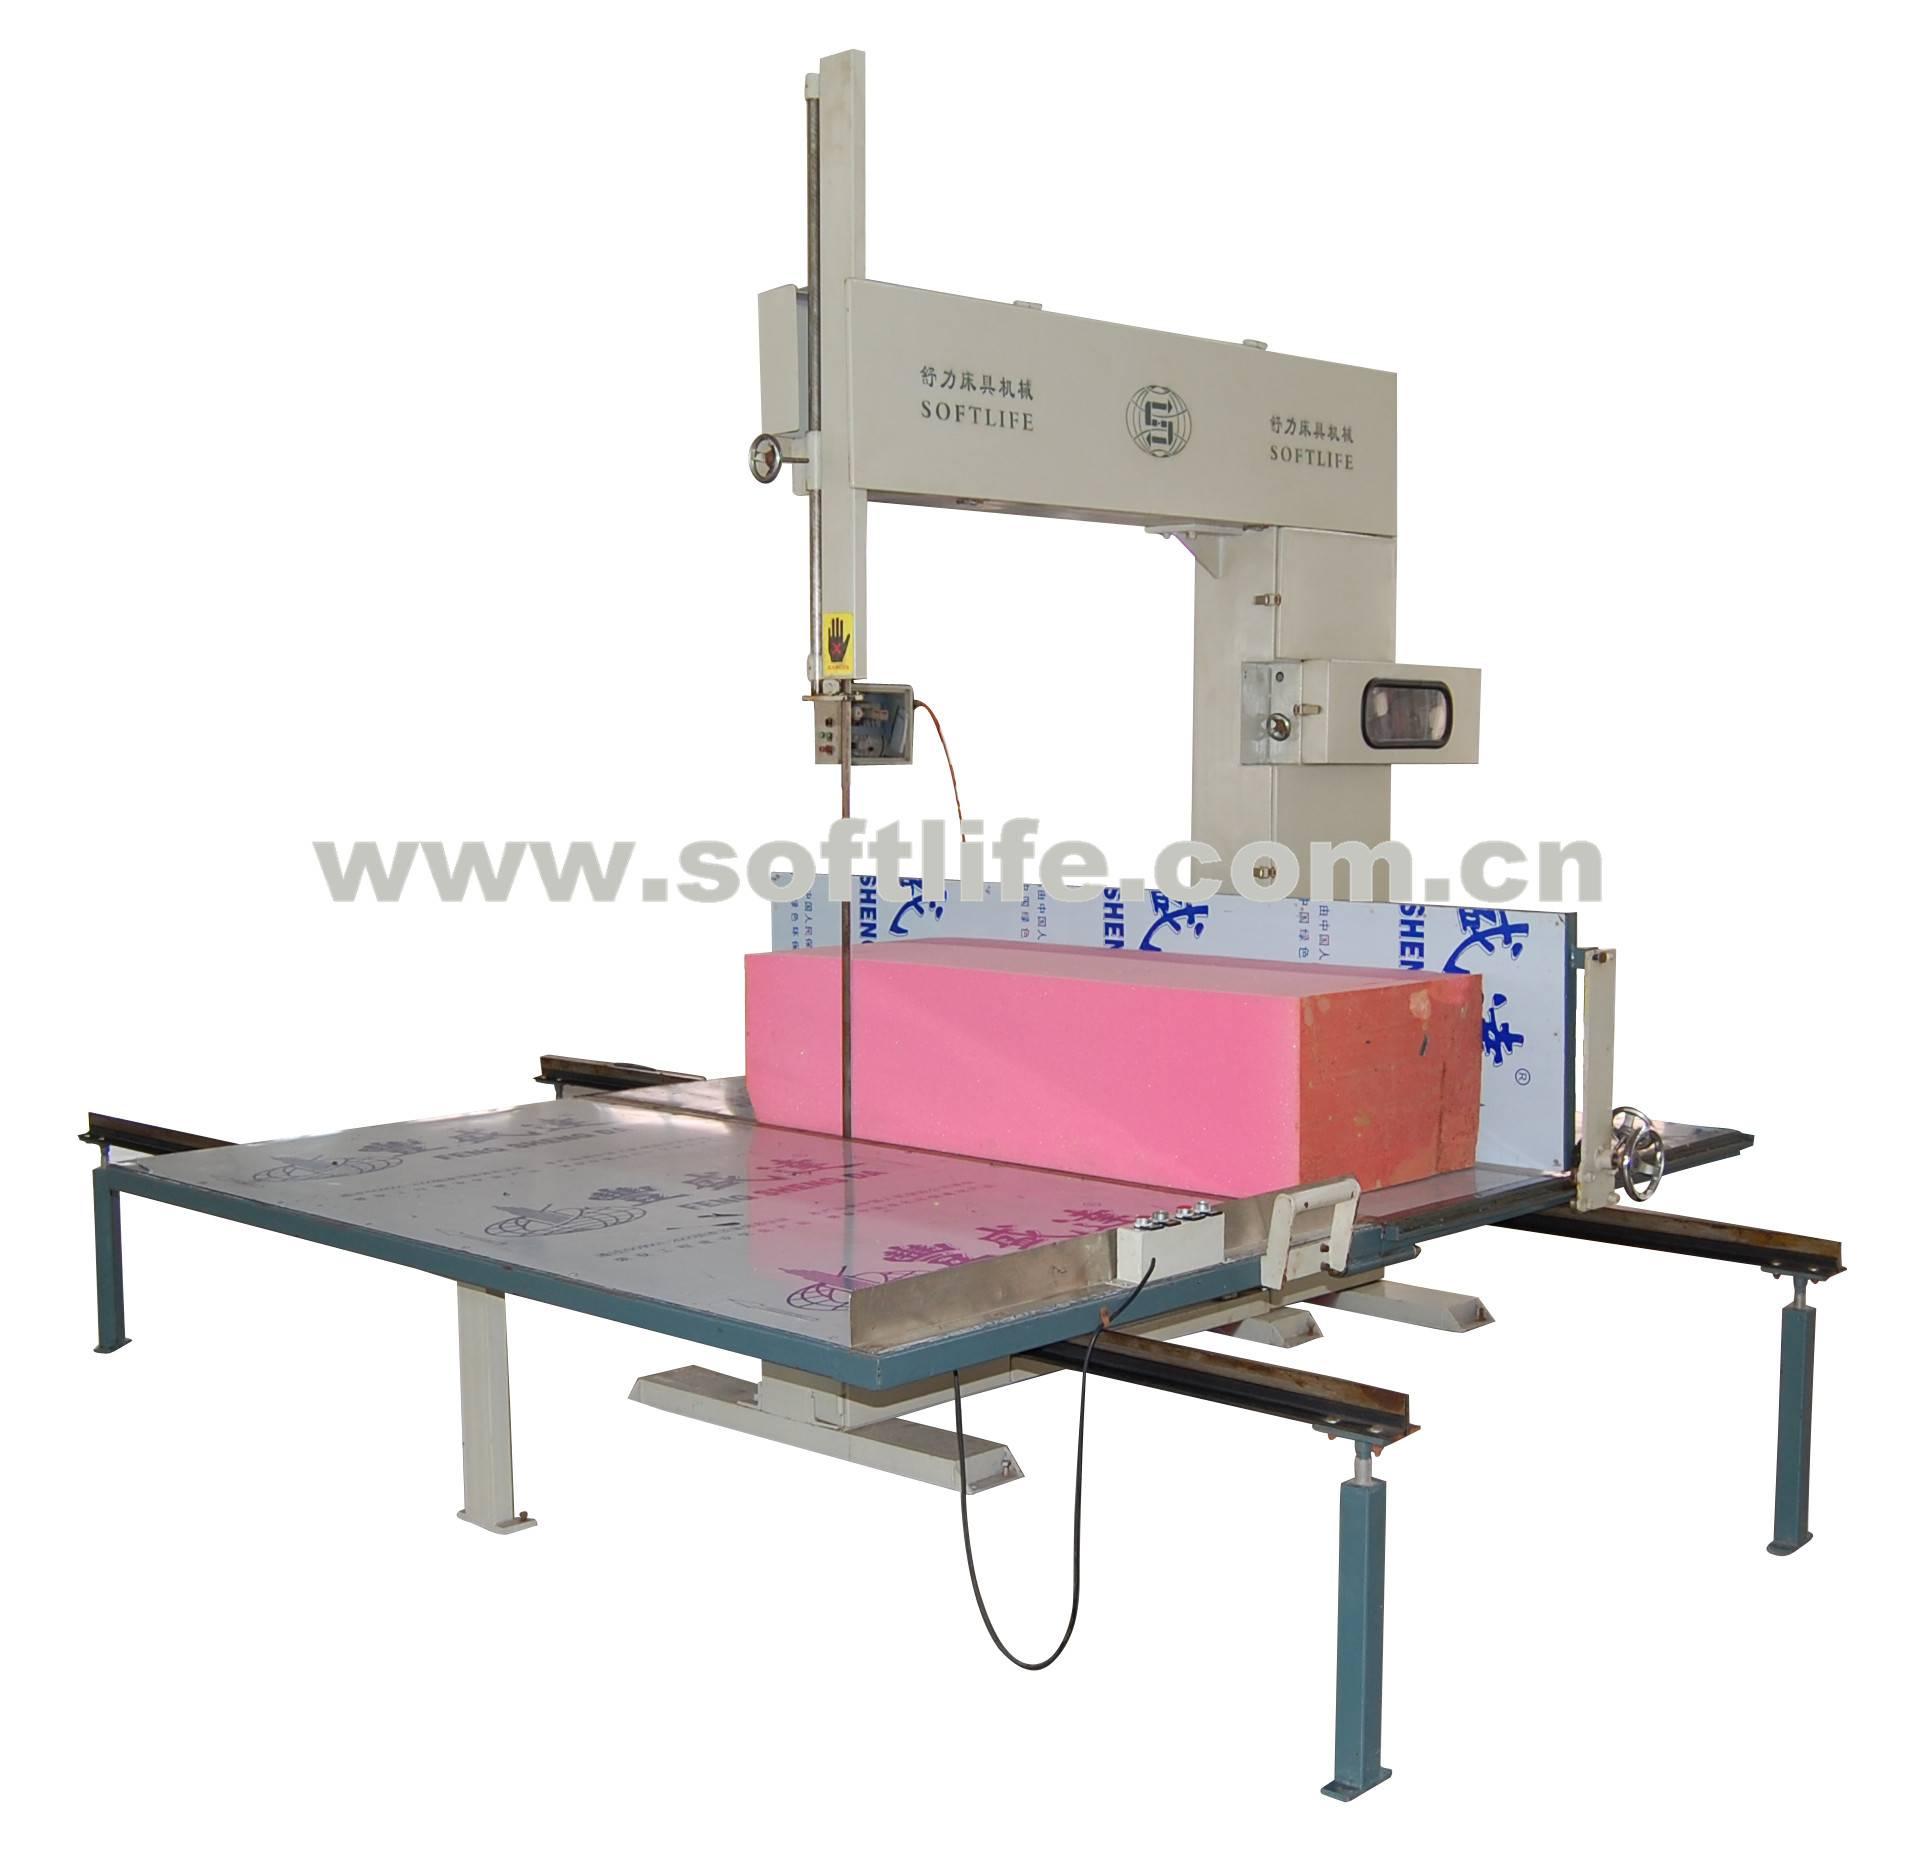 Foam Vertical Cutting Machine  (SL-VC)